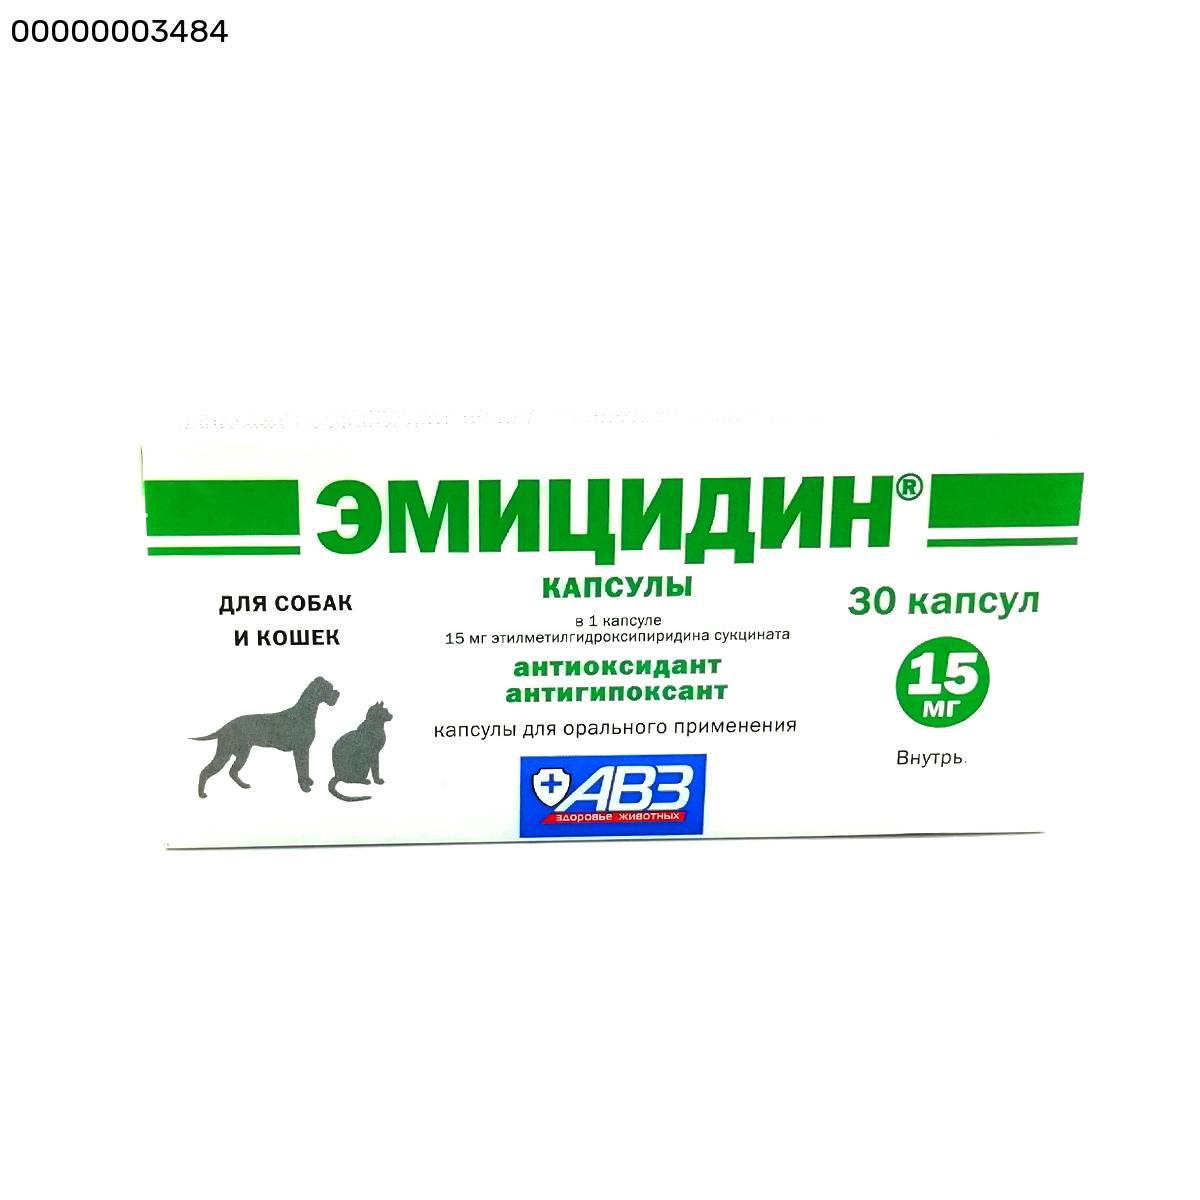 Эмицидин— ветеринарный препарат для лечения гипоксии